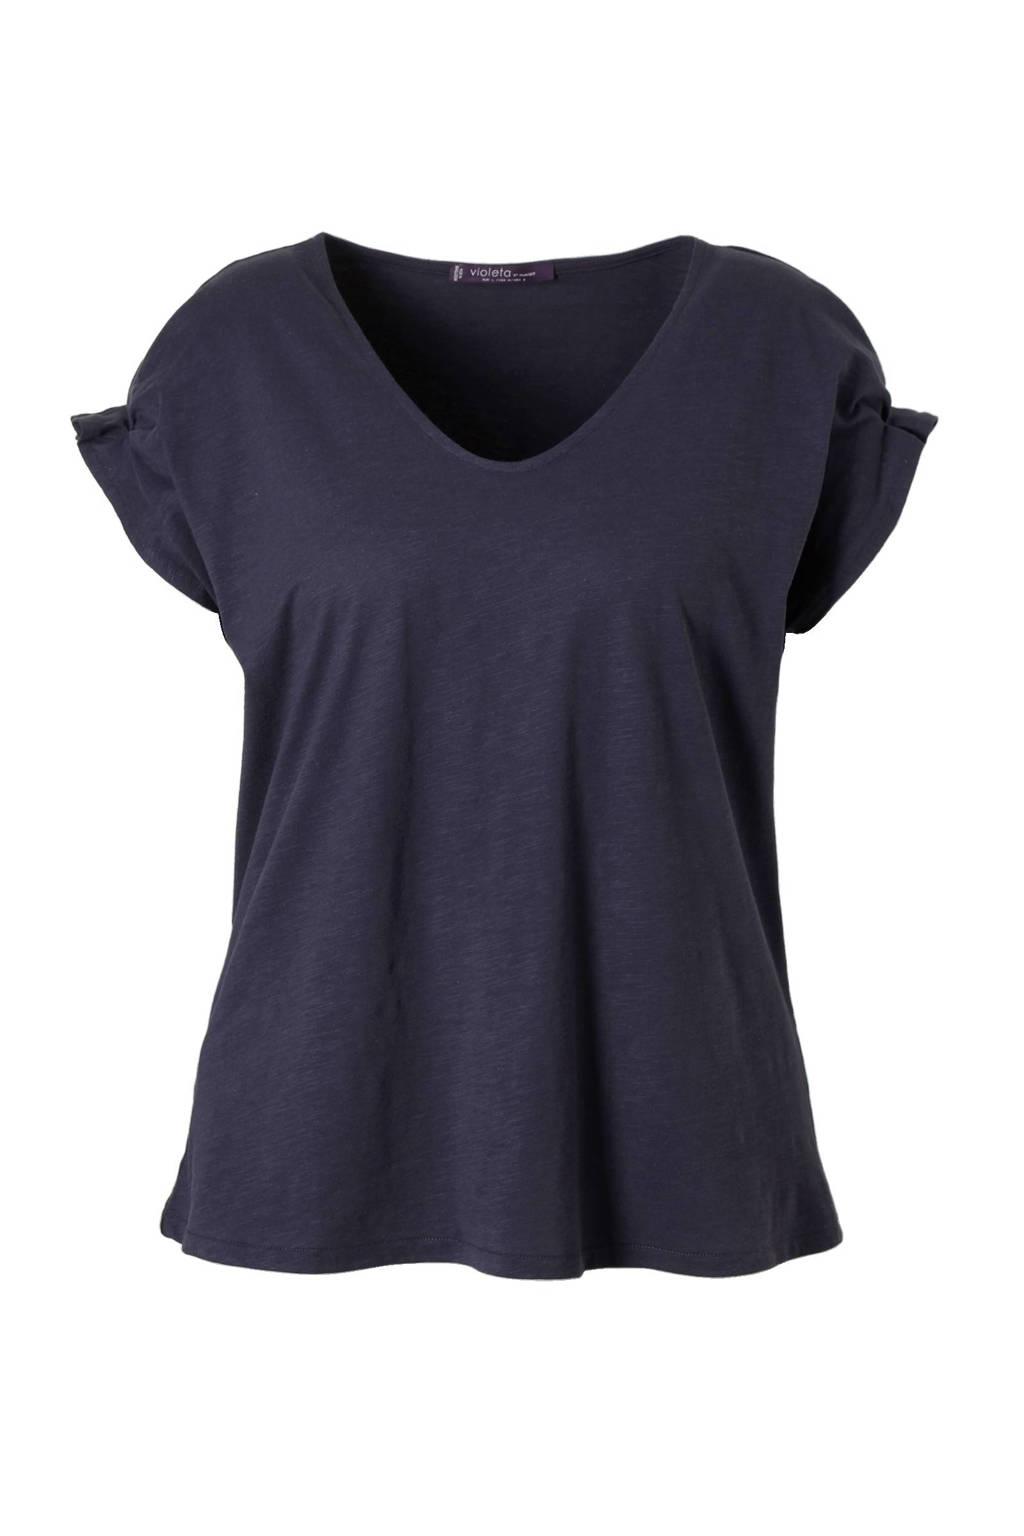 Violeta by Mango T-shirt donkerblauw, Donkerblauw